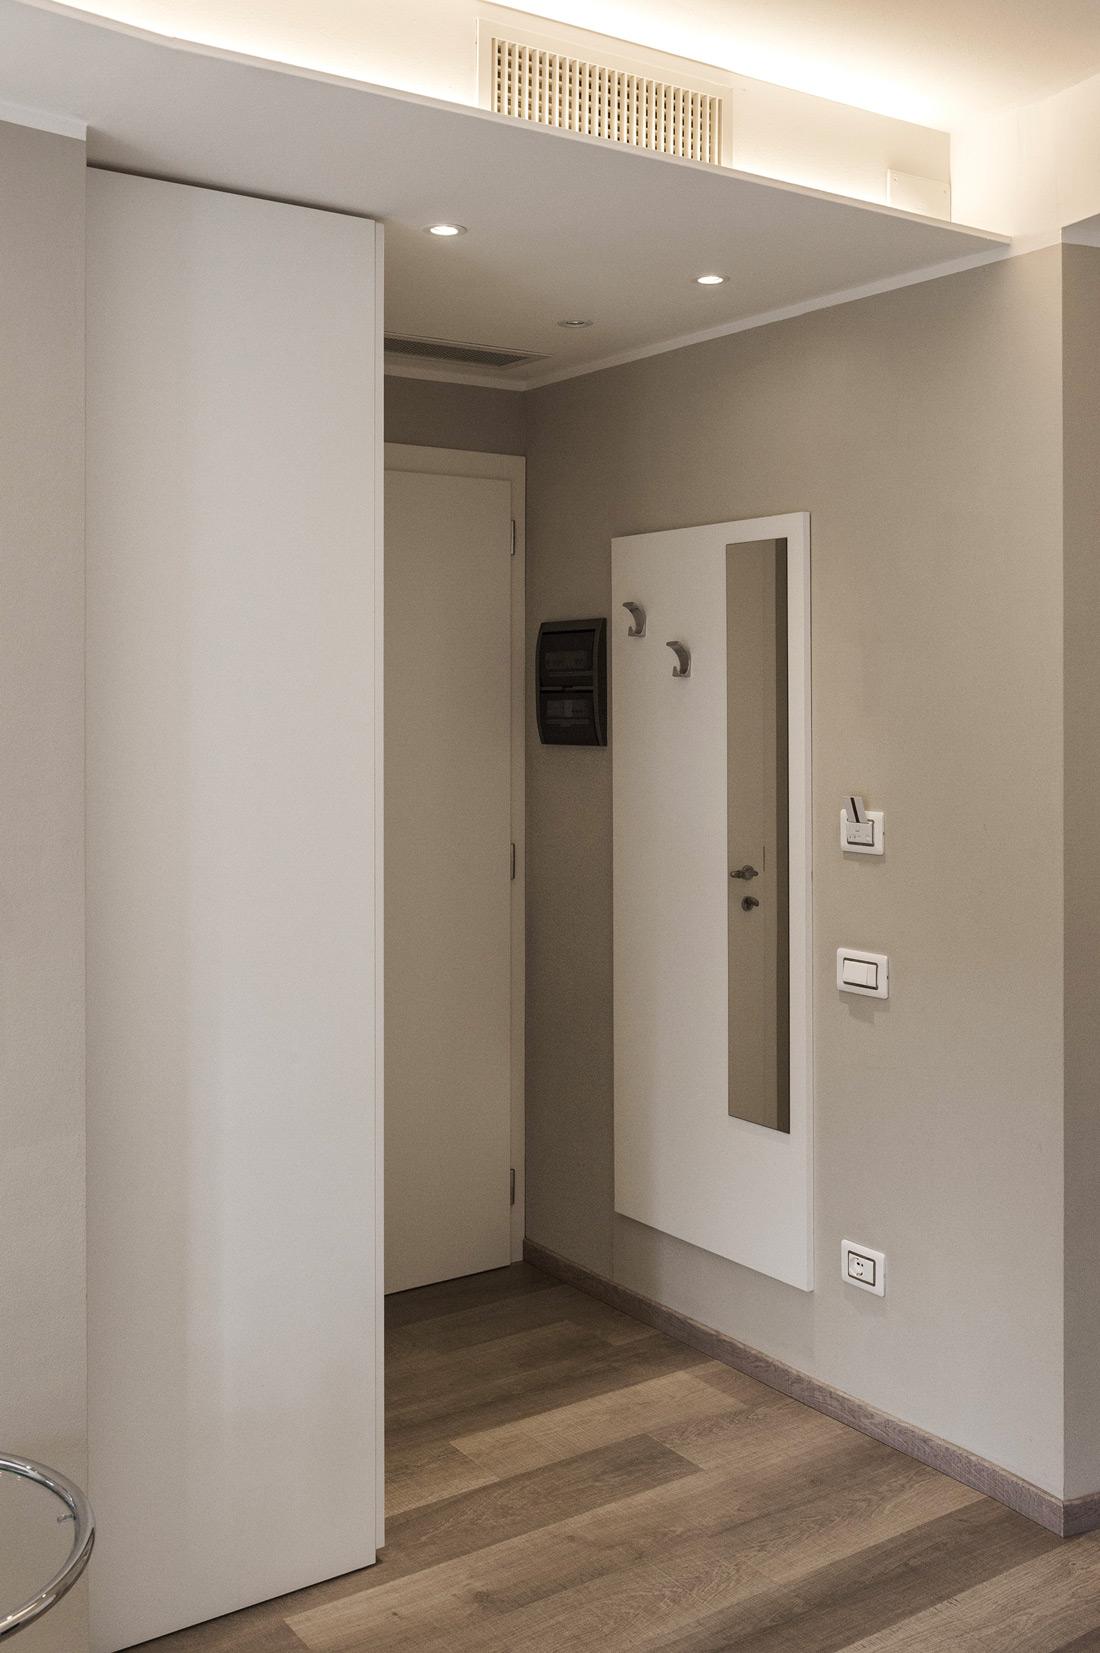 Sistema di accesso alla camera d'albergo